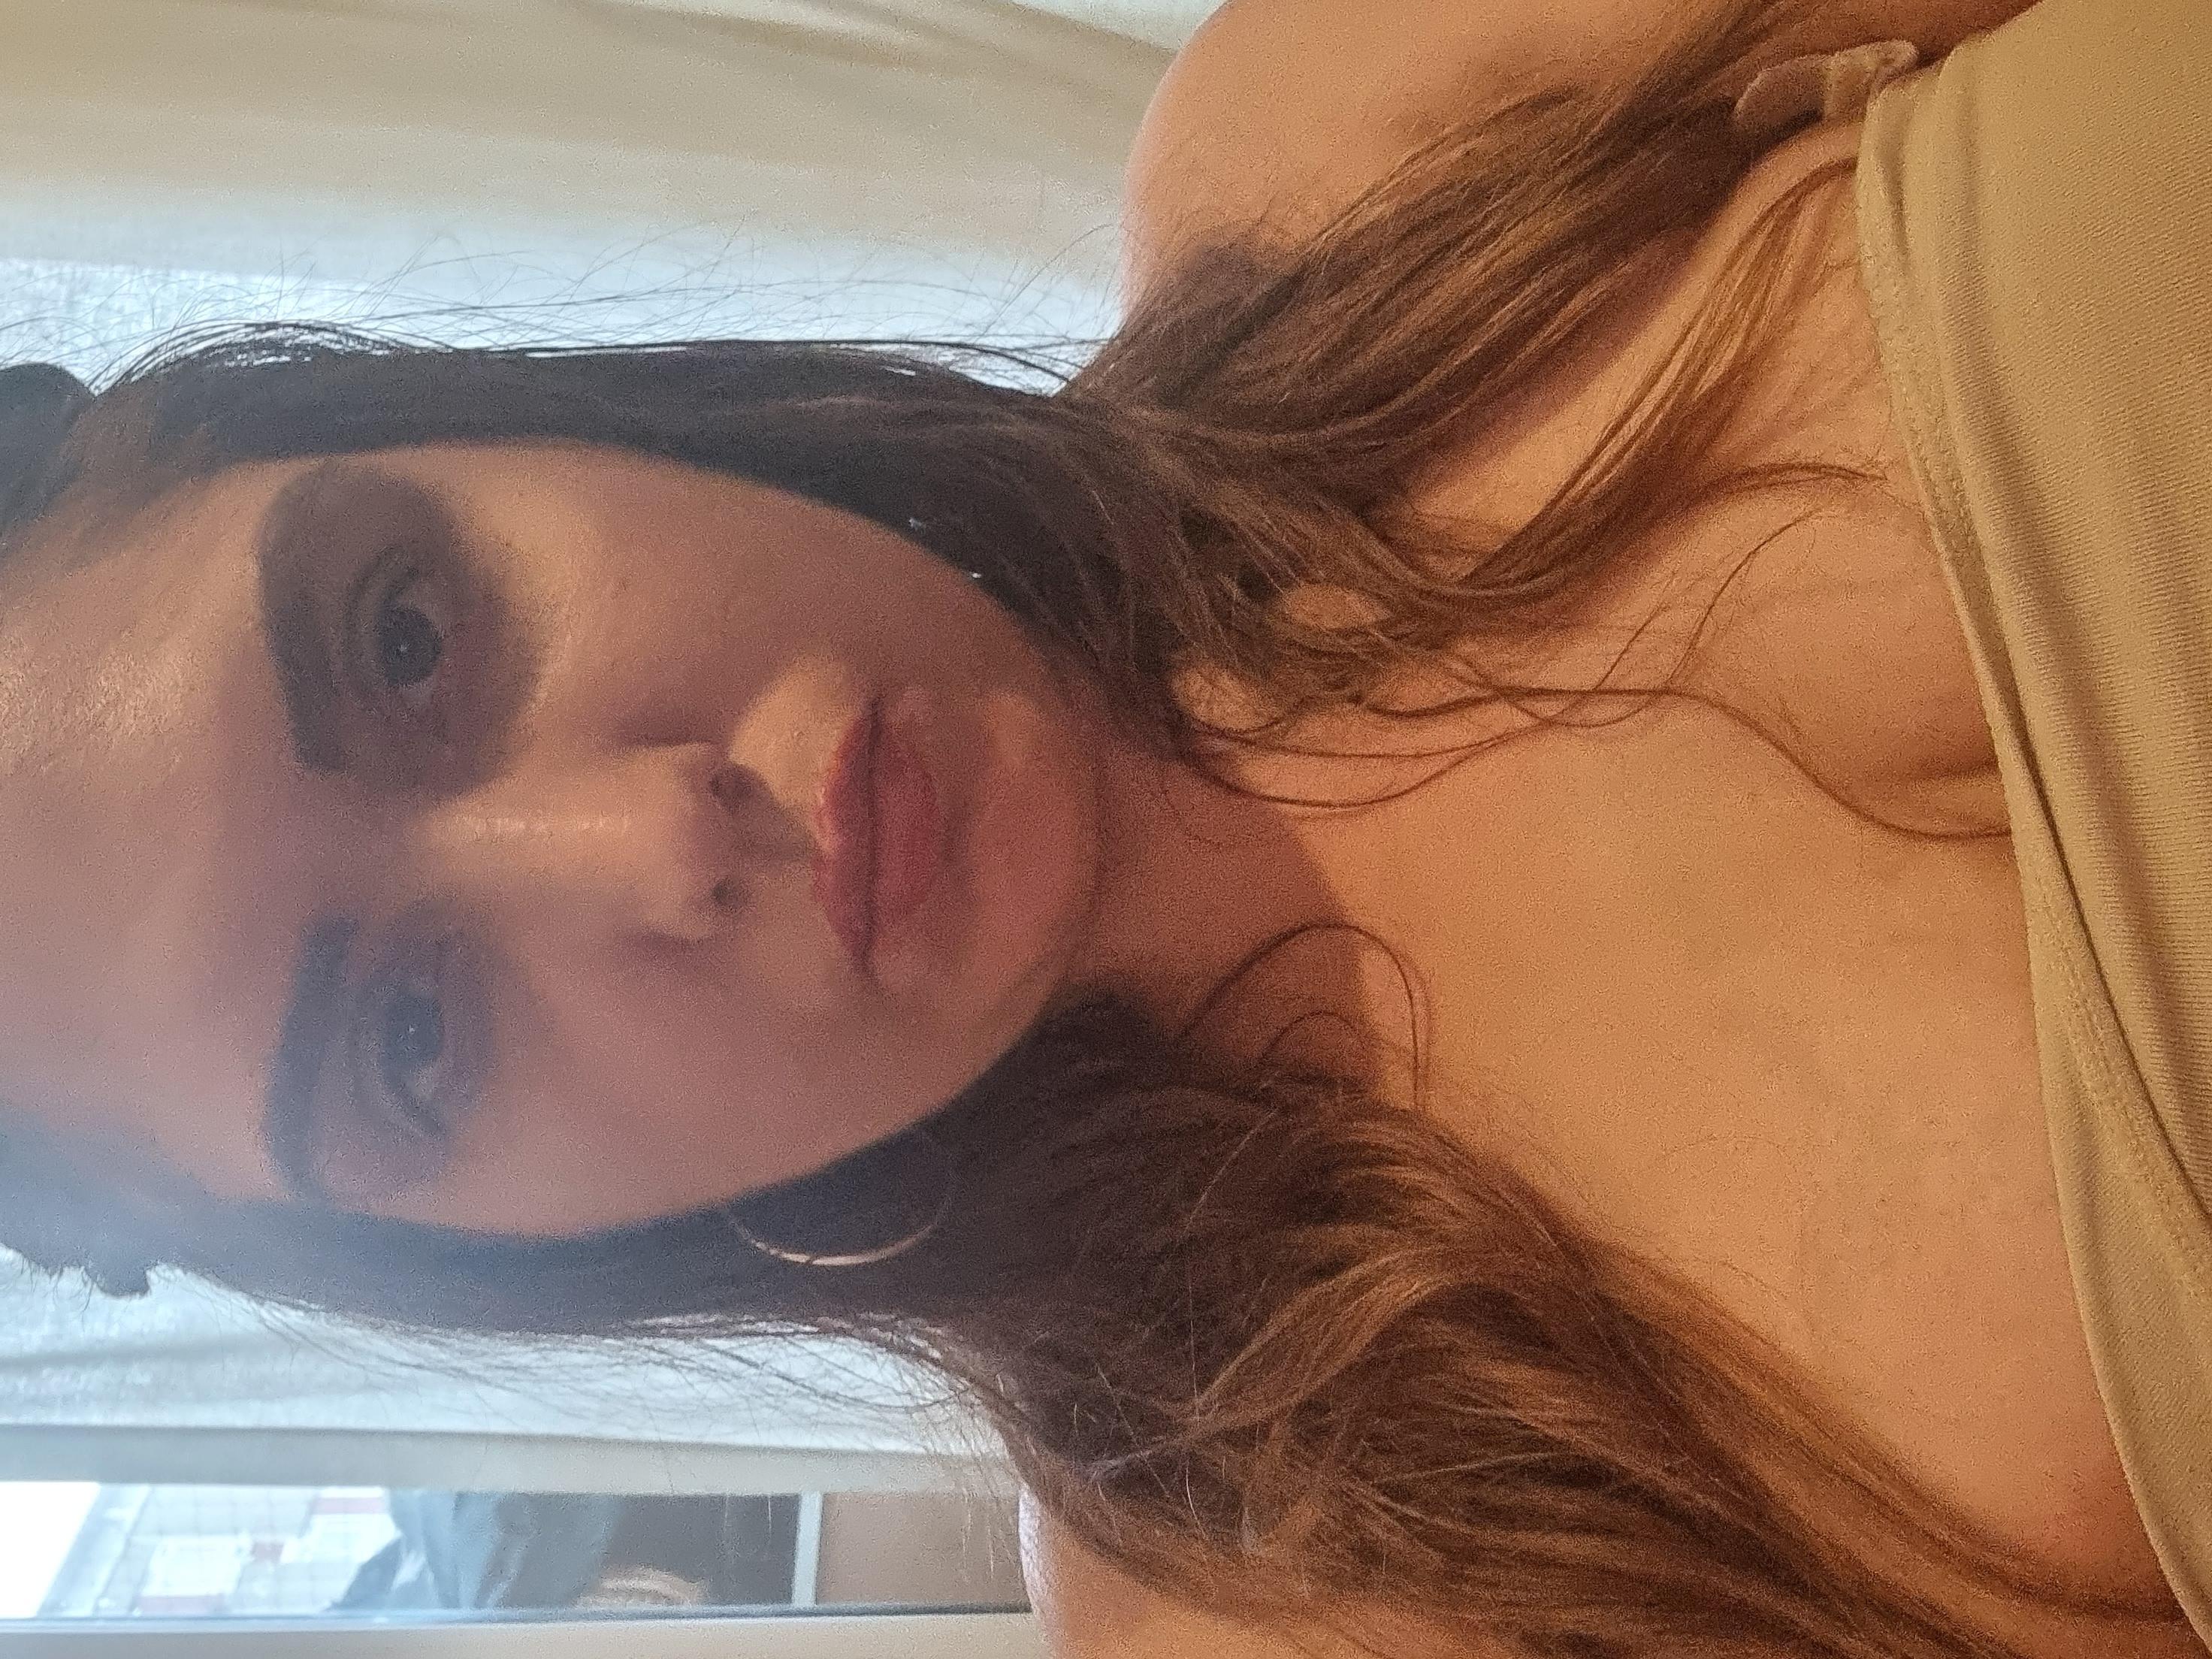 Jasminelorenzo?s=ppjiapypjacueu0ombwbq0++tkpok8xnov4evaz6jxy=